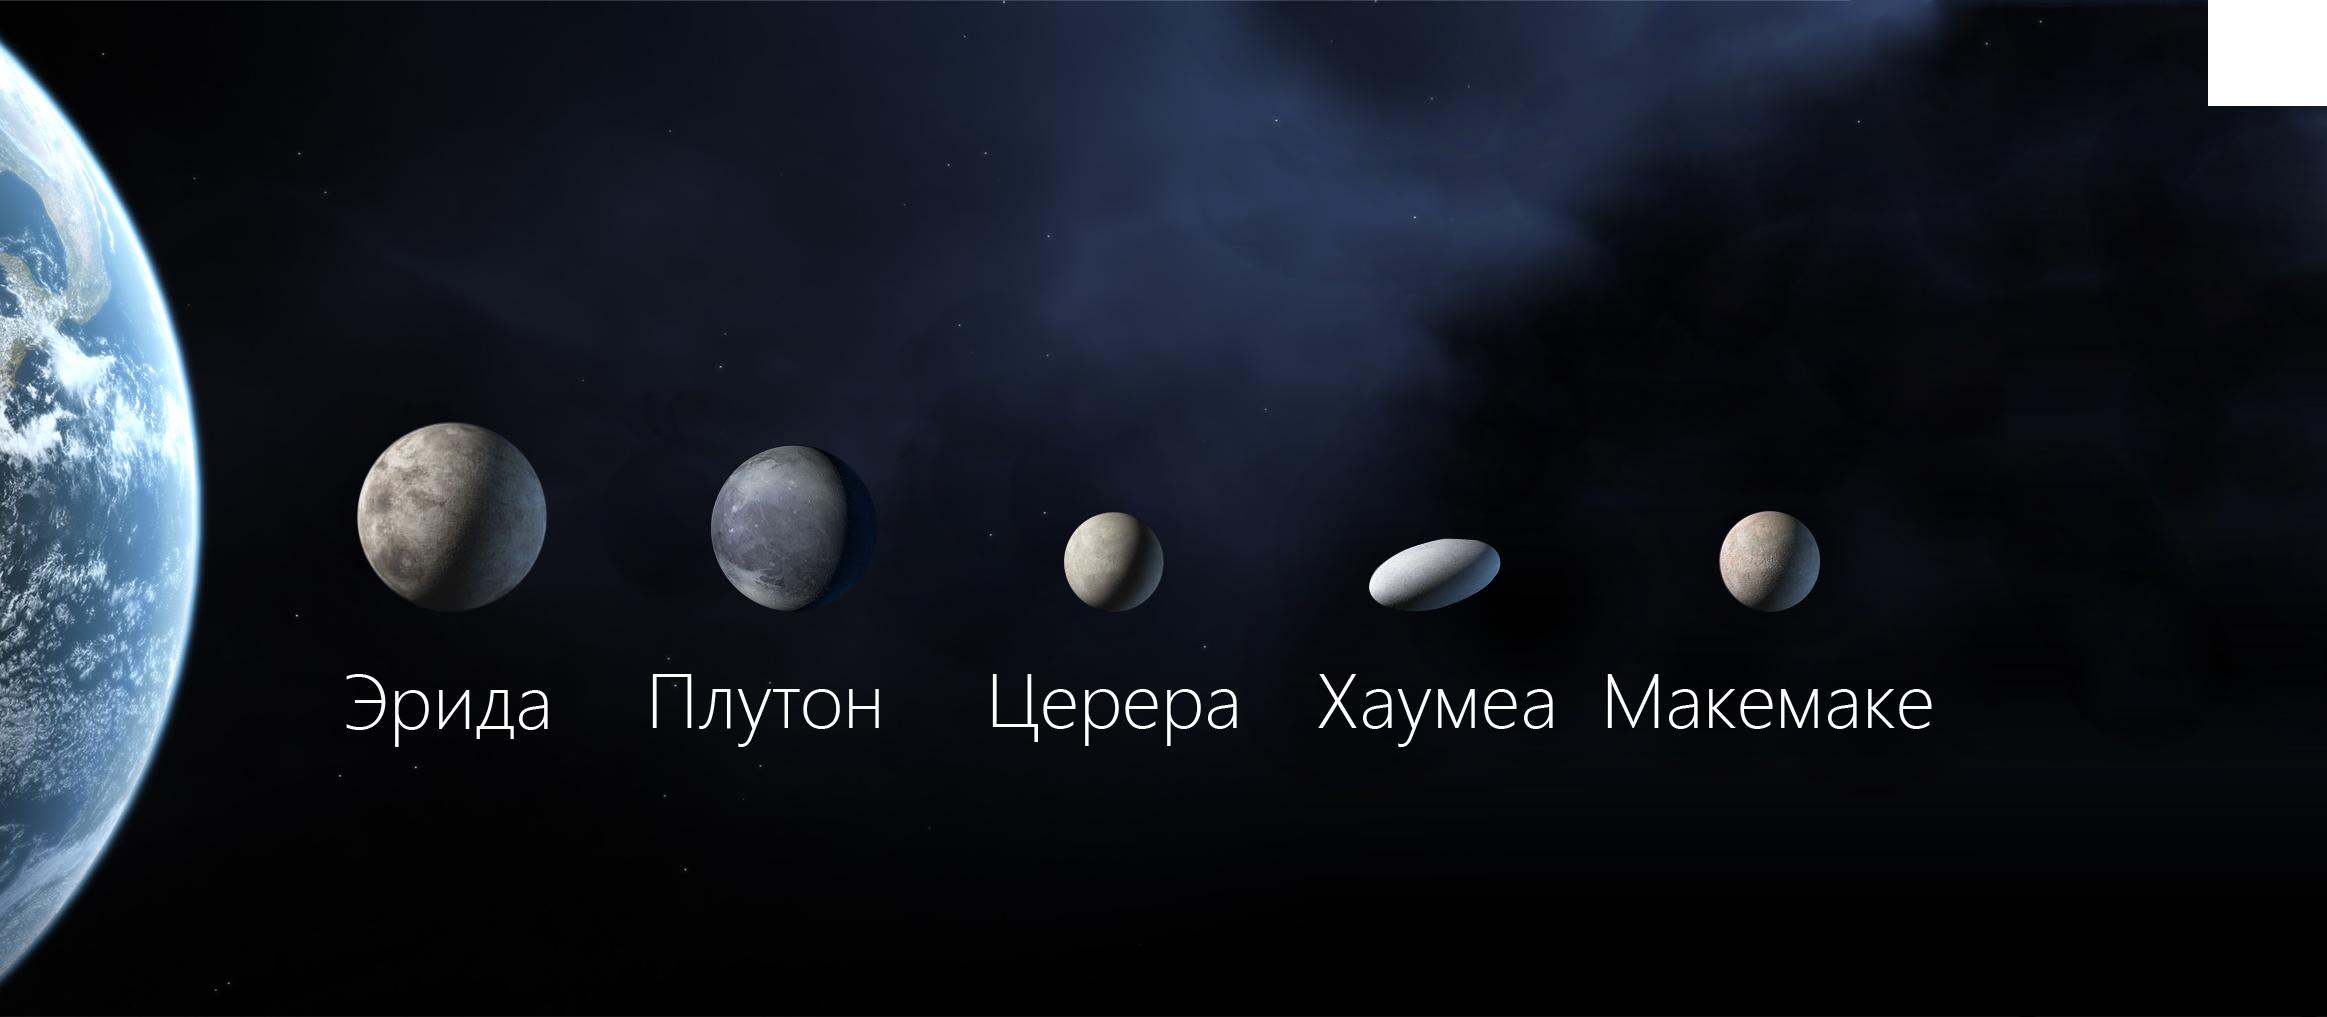 Карликовые планеты в сравнении с Землей